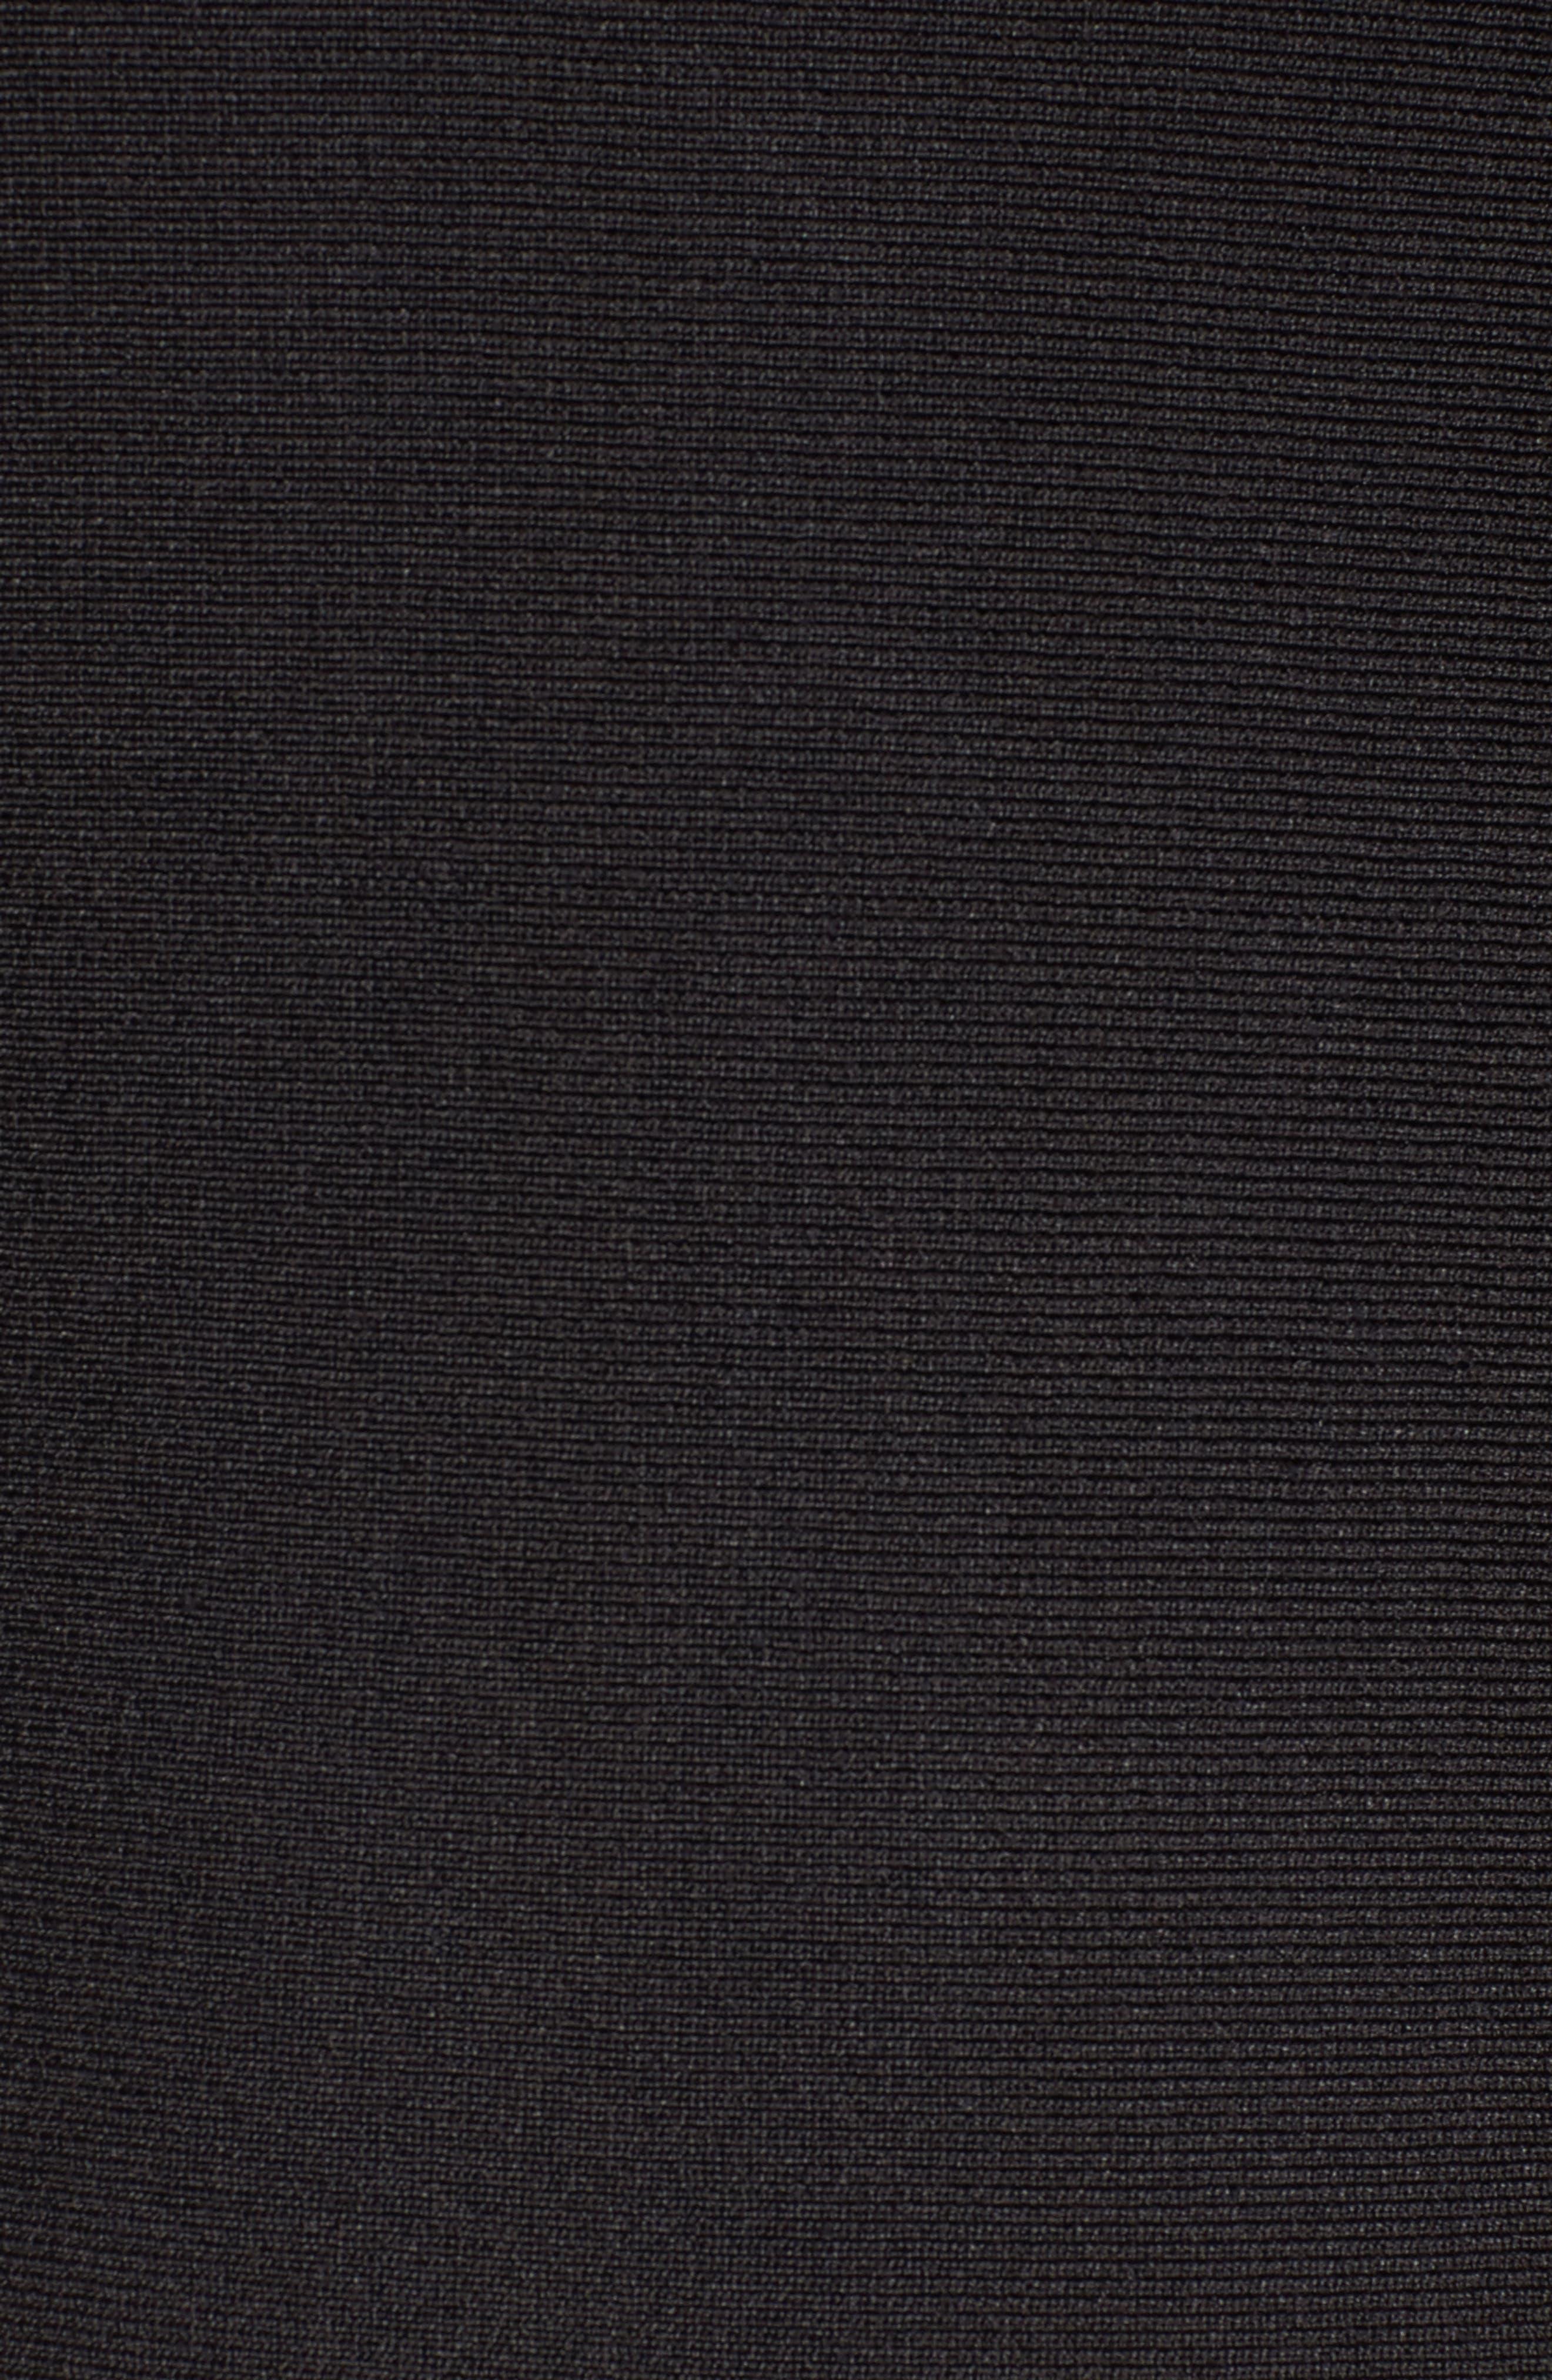 Flared Hem Midi Dress,                             Alternate thumbnail 5, color,                             Black Onyx